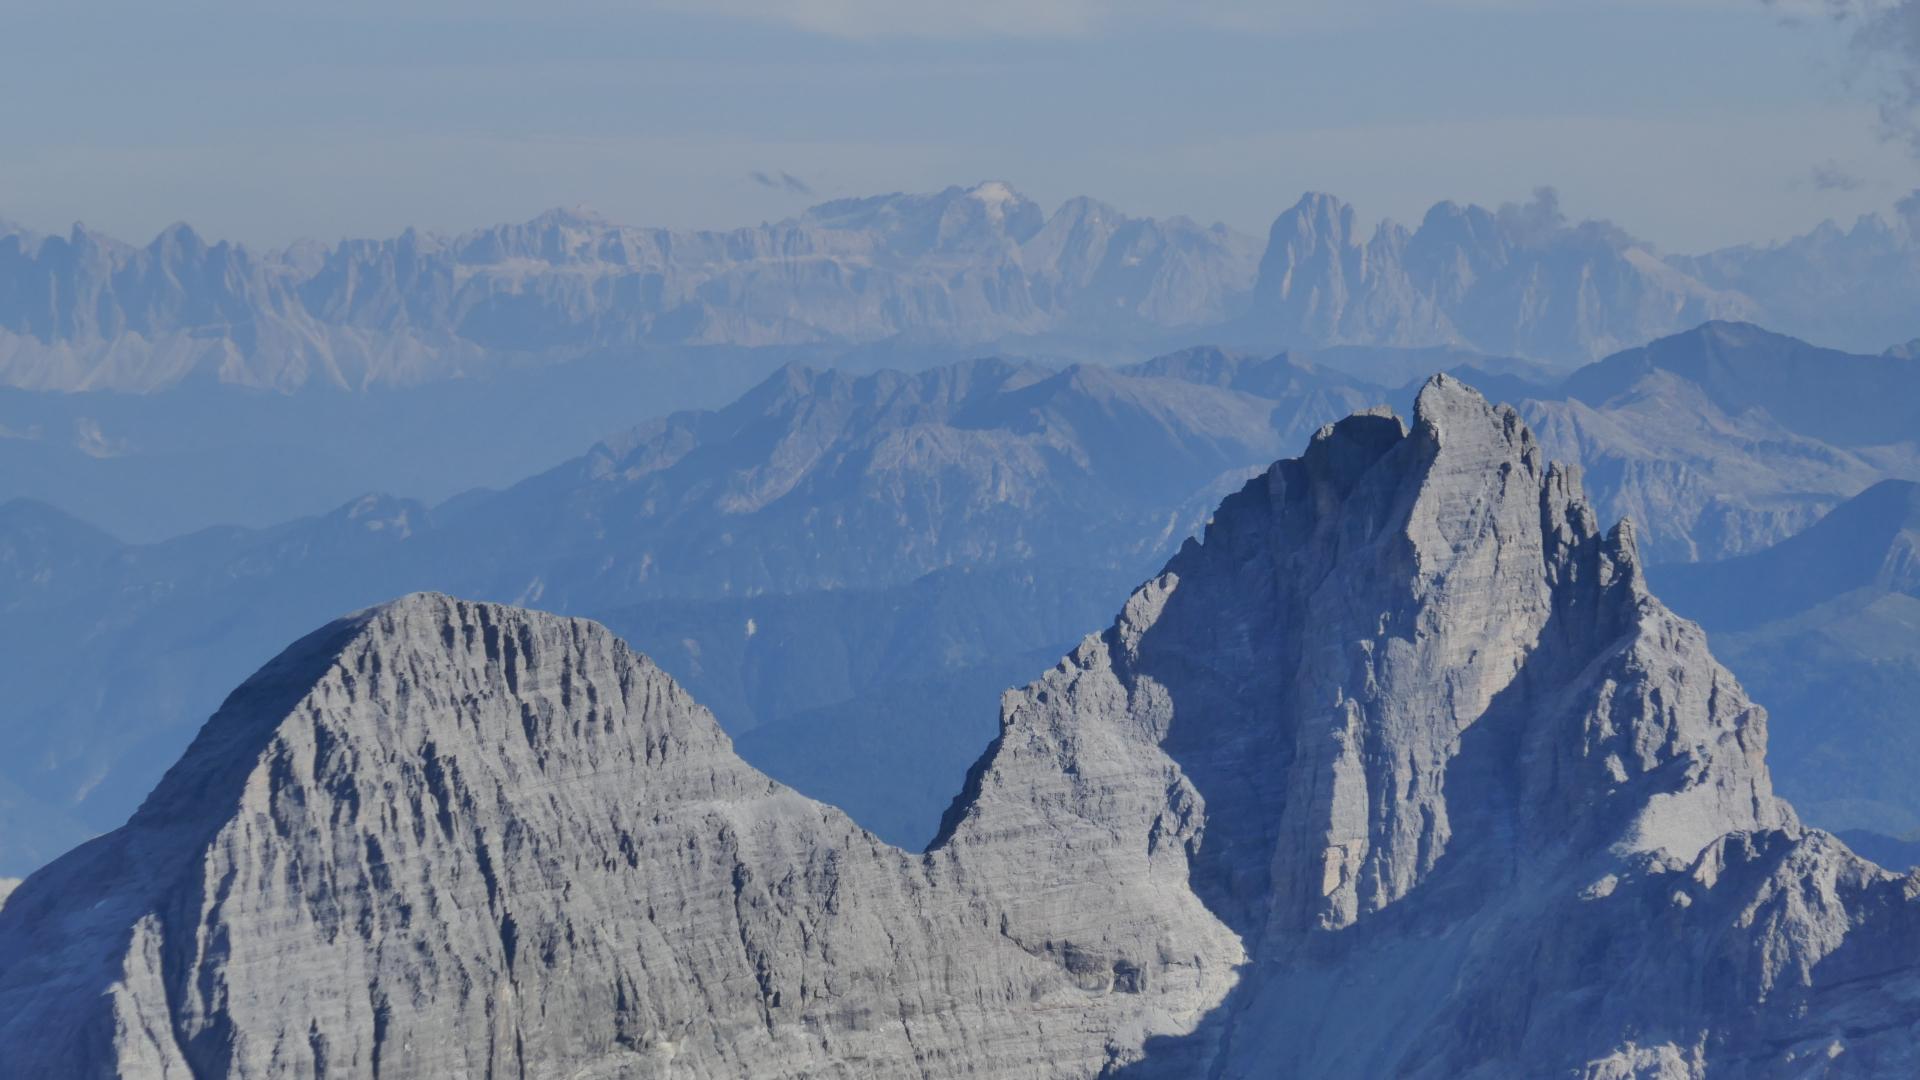 Tribulaune und Dolomiten, mittig die Marmolada